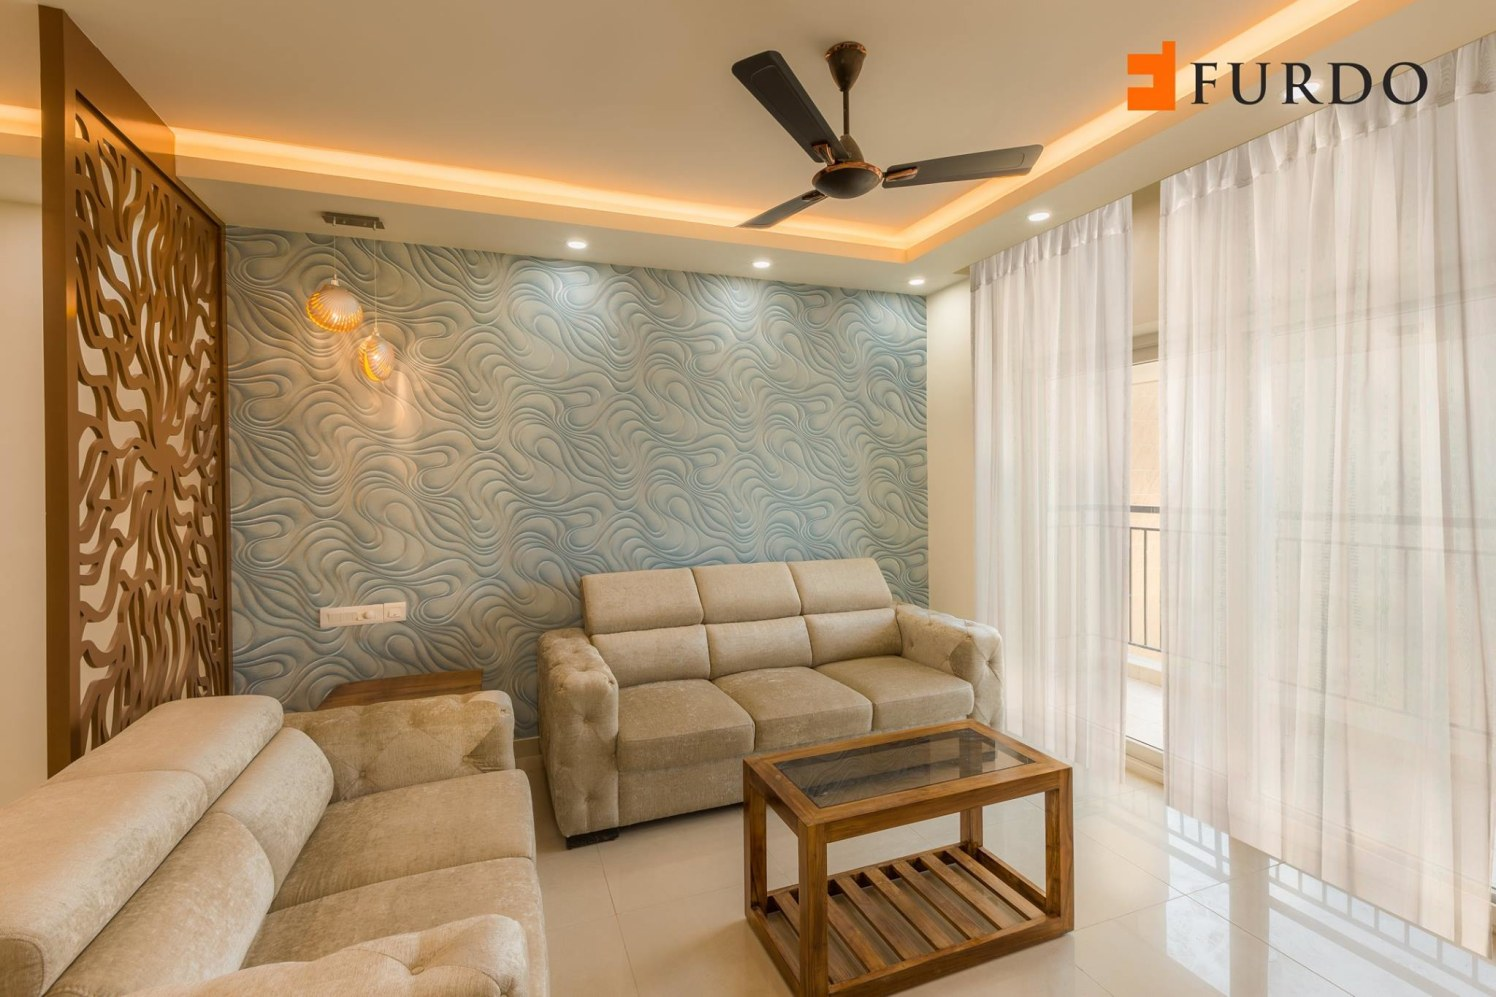 Living Room With Amazing Wall Art by Furdo.com Living-room Contemporary   Interior Design Photos & Ideas